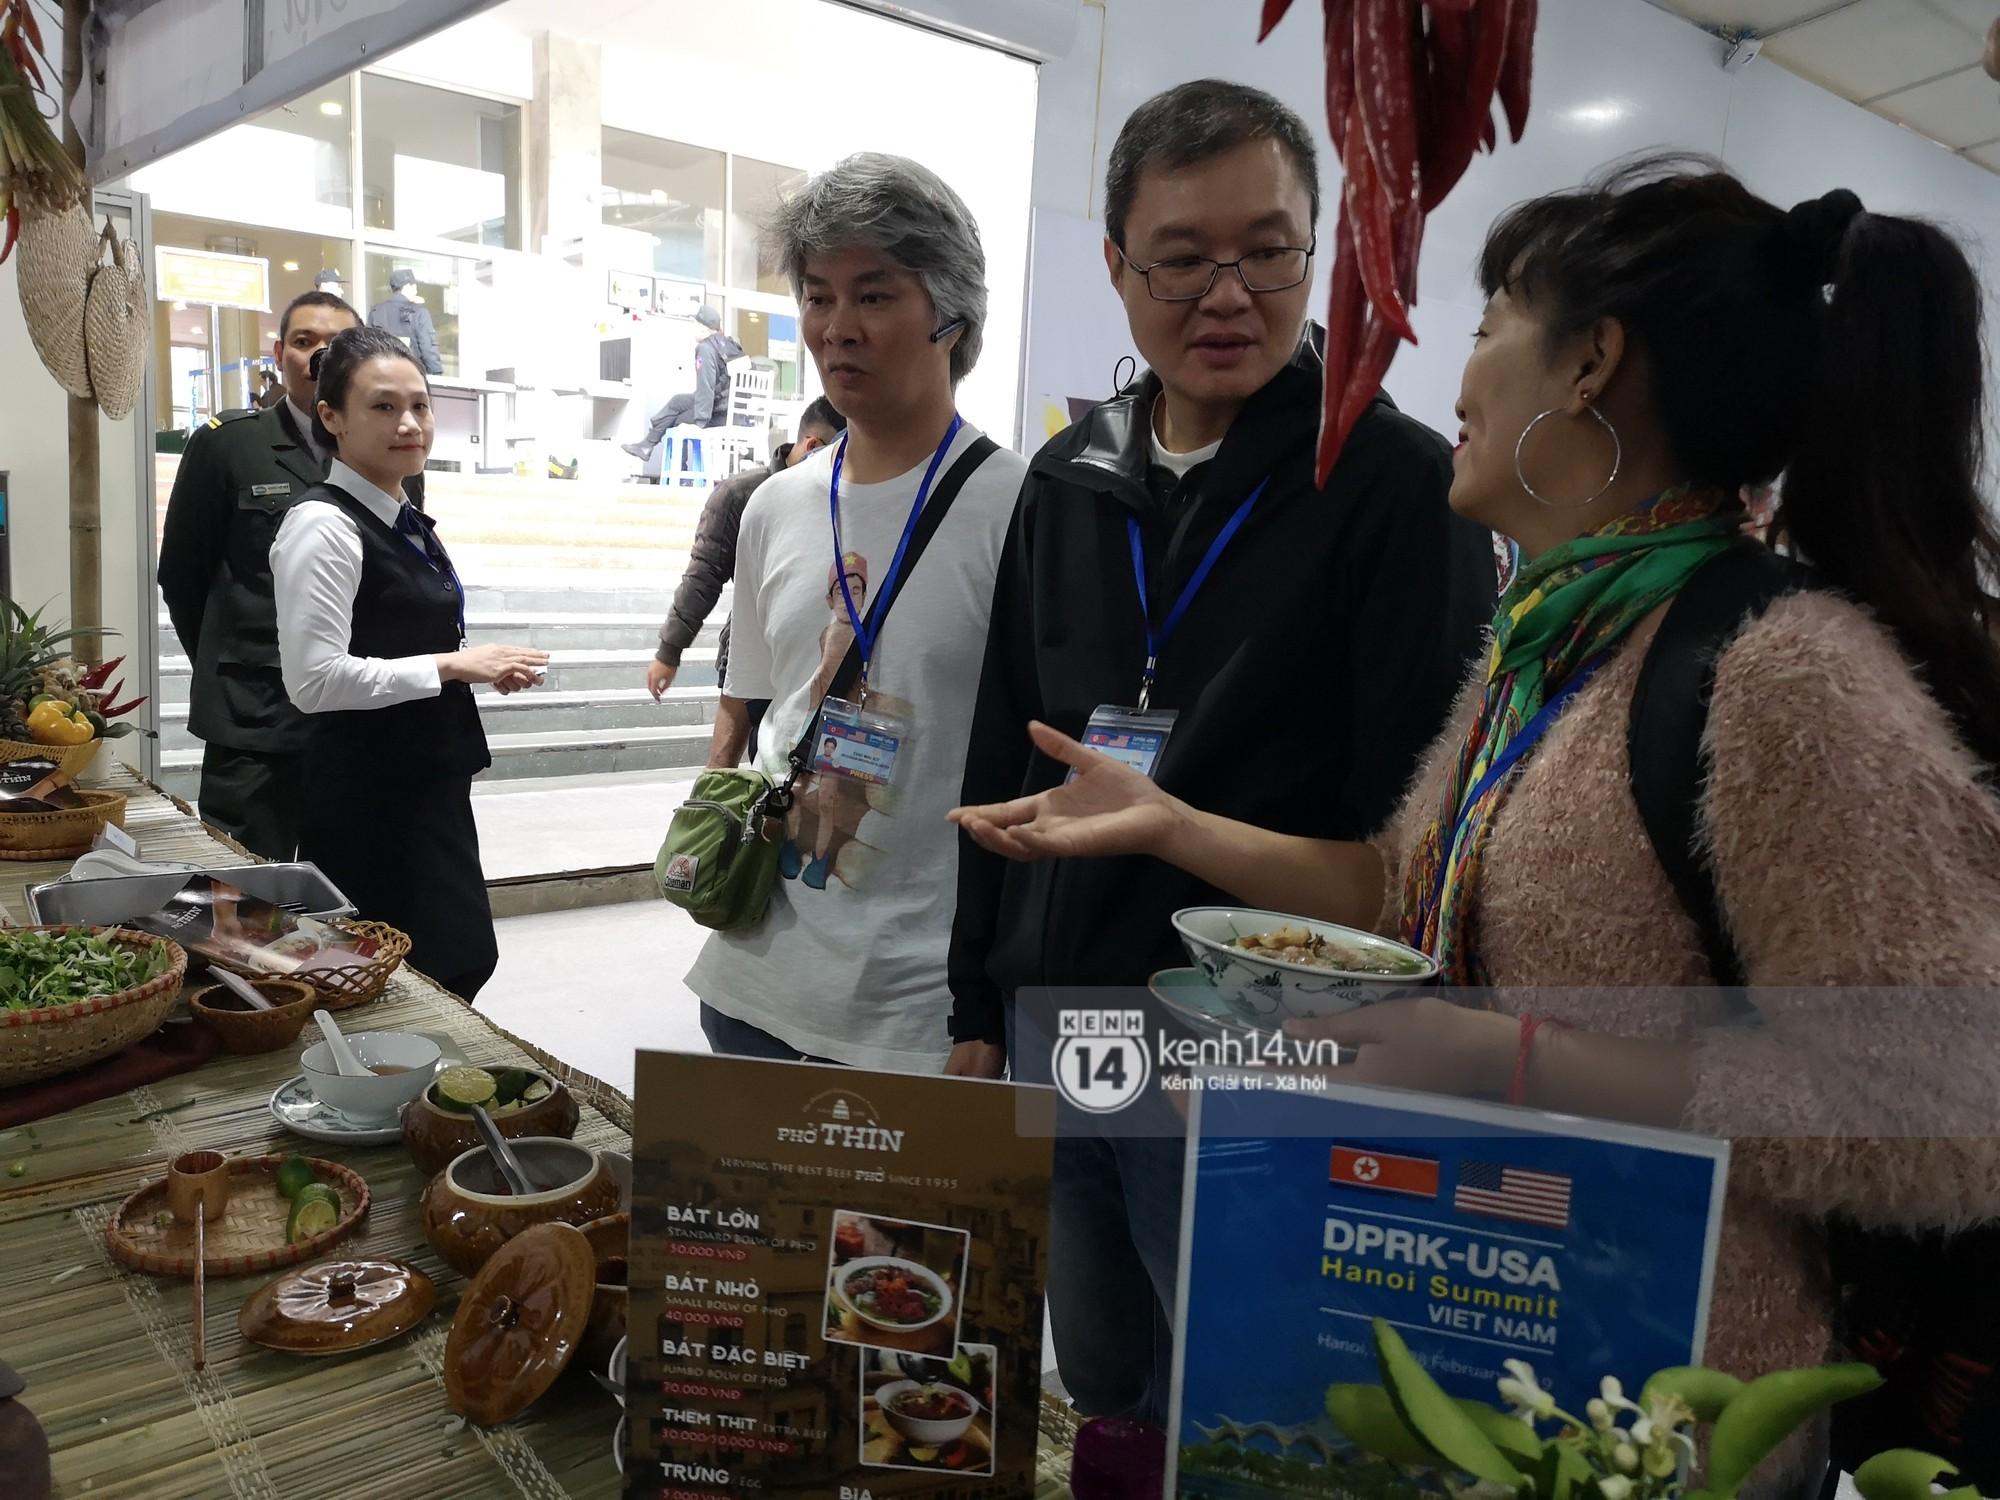 Phóng viên các nước hào hứng khi được thưởng thức ẩm thực nổi tiếng Hà thành tại trung tâm báo chí quốc tế hội nghị thượng đỉnh Mỹ - Triều - Ảnh 7.